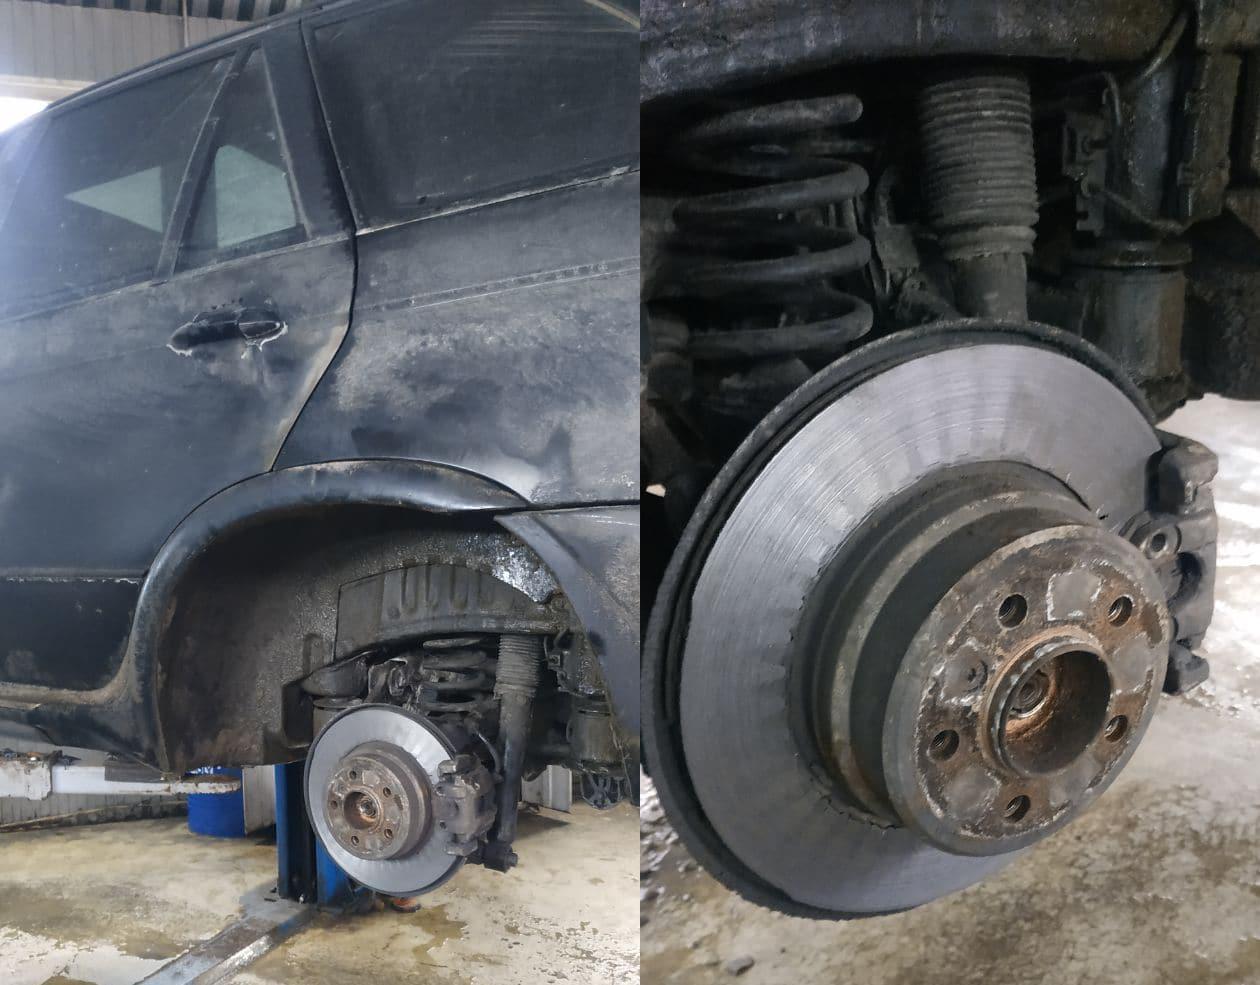 Диски и колодки для БМВ Х5 в Люберцах